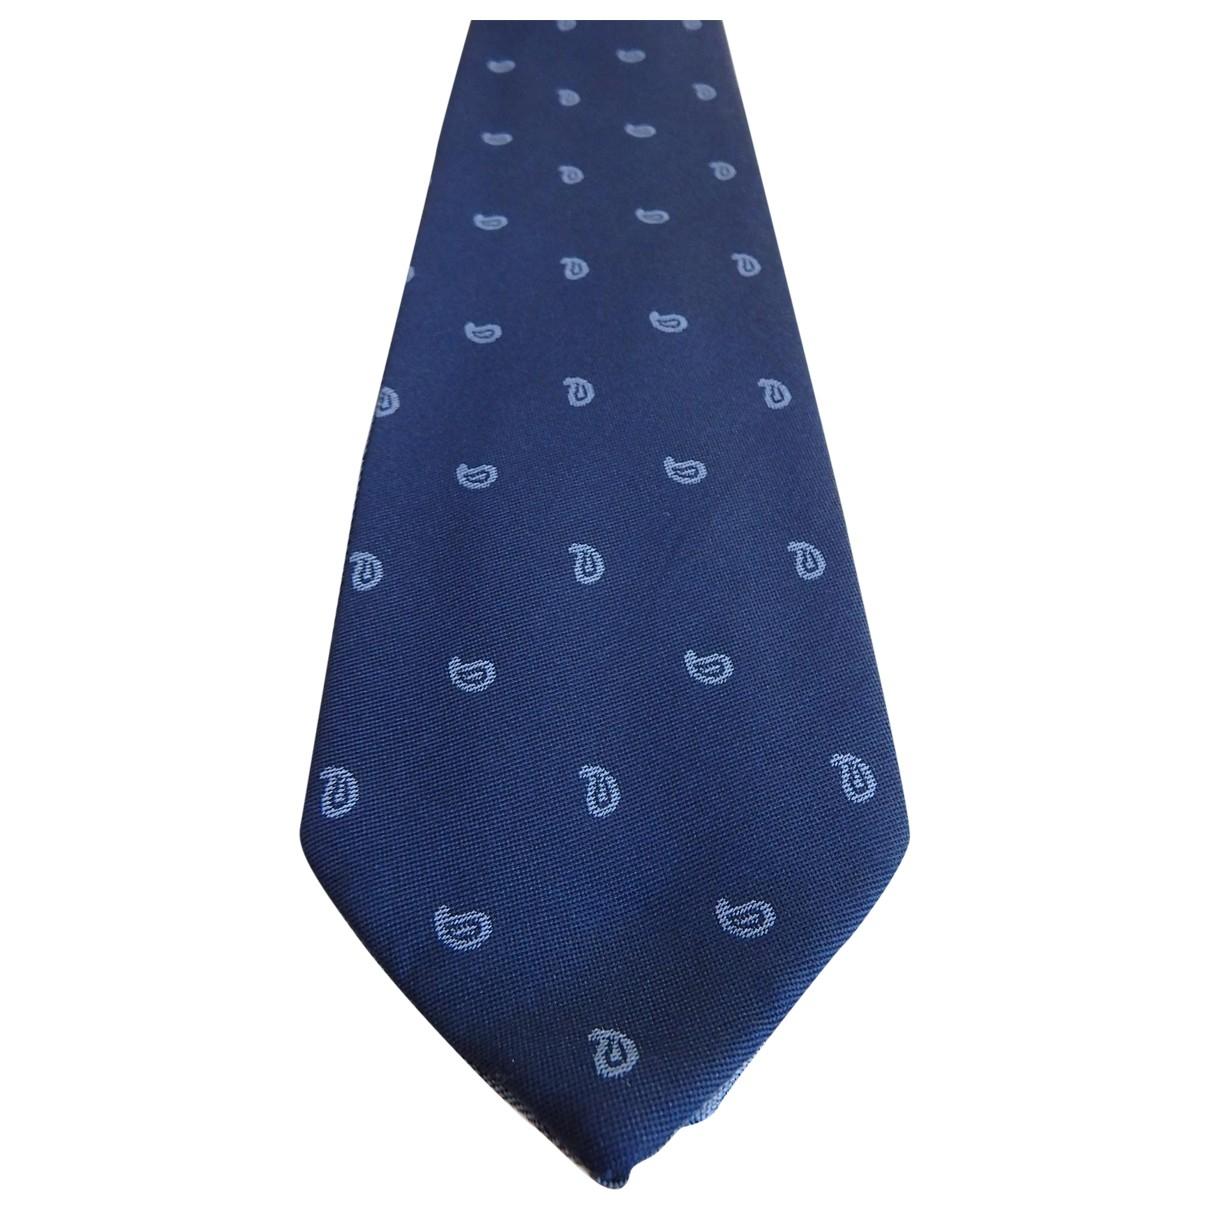 S.t. Dupont - Cravates   pour homme en soie - bleu